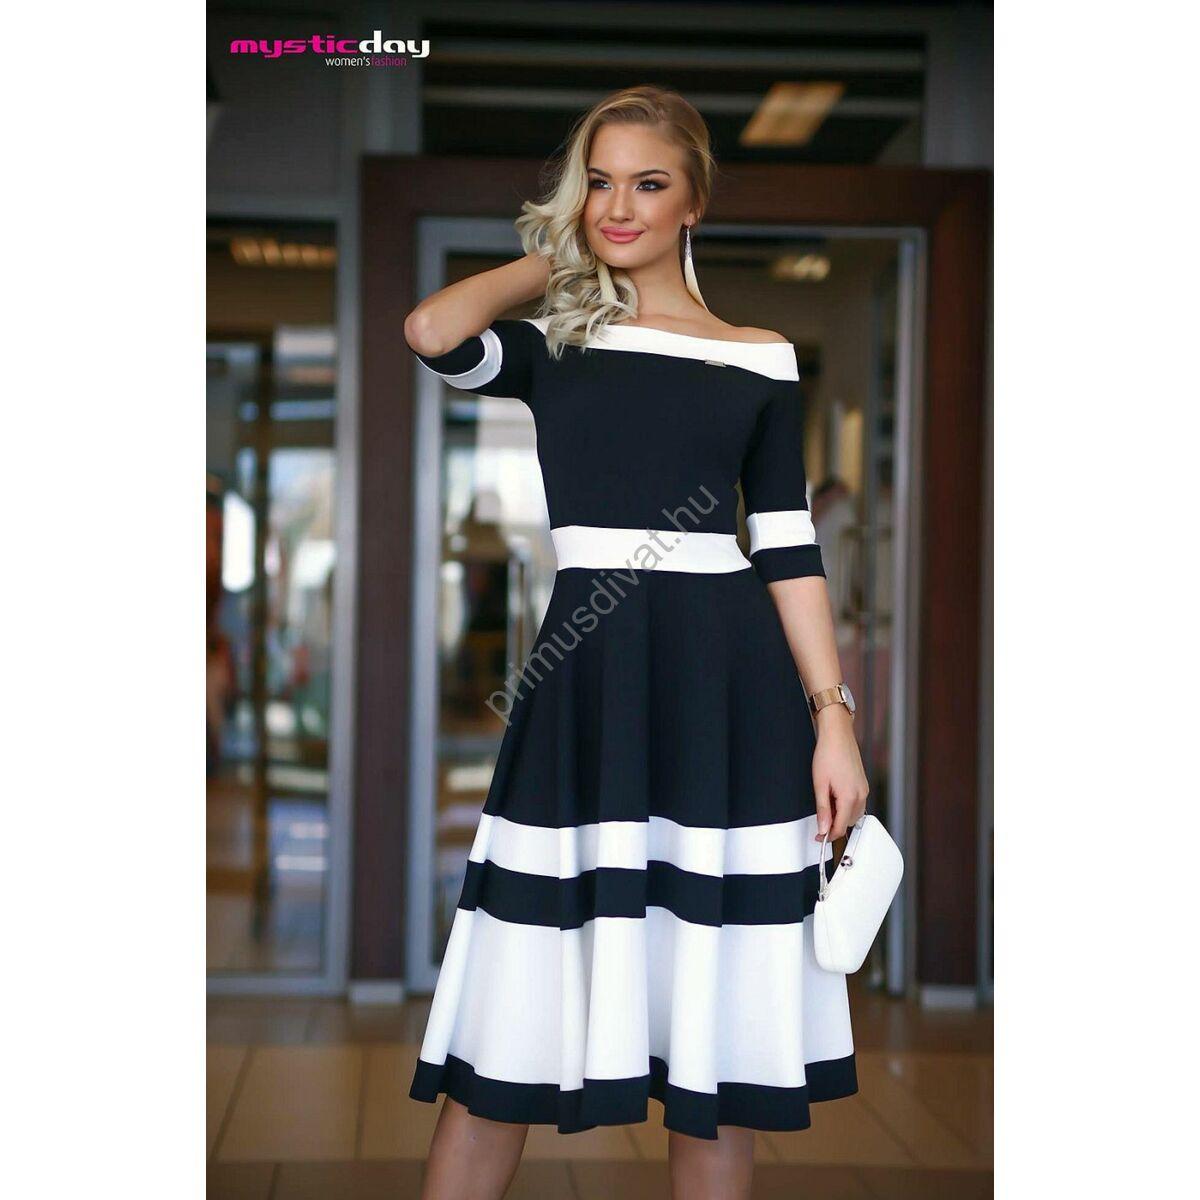 Mystic Day vállra szabott loknis fekete-fehér alkalmi midi ruha 17ee99742d